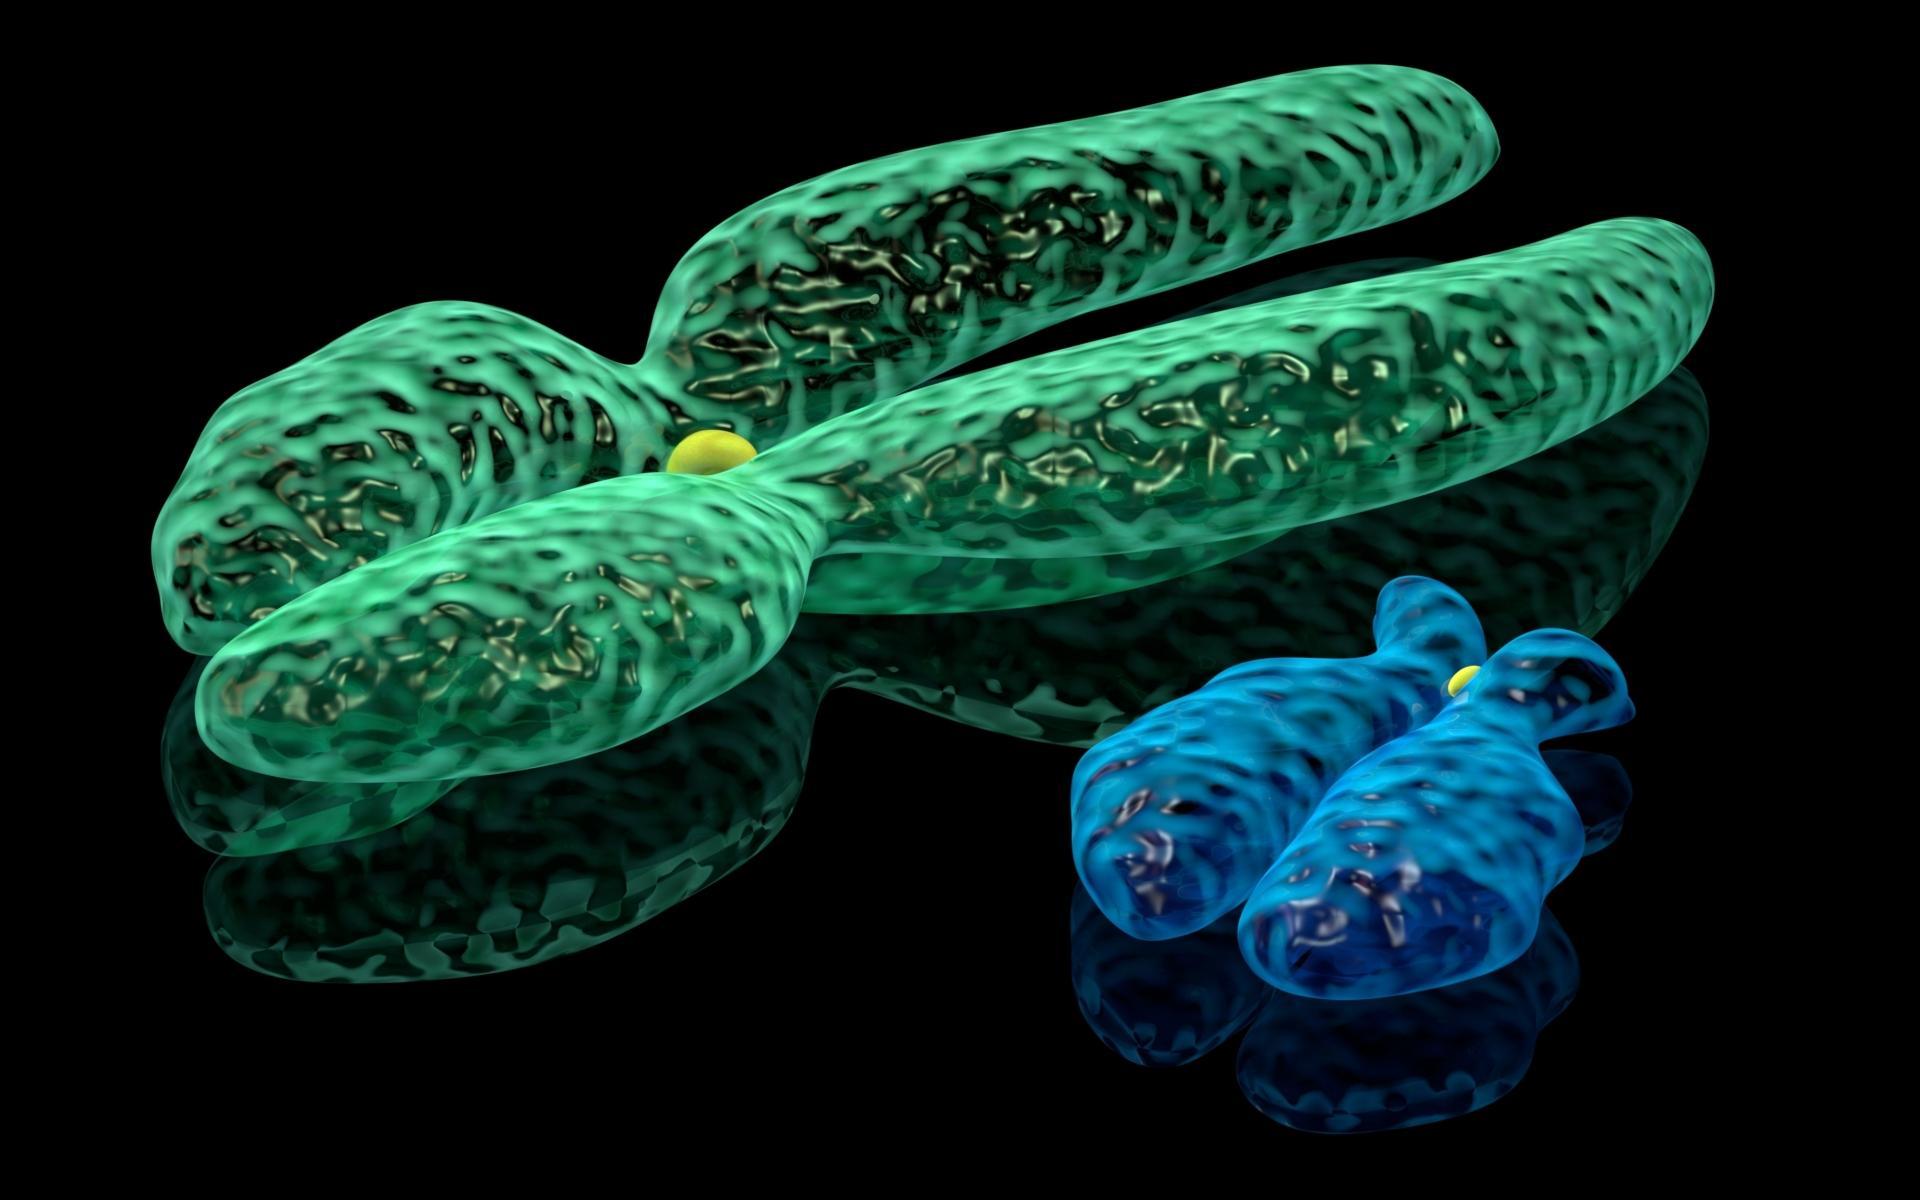 Раскрыто происхождение раковых хромосом-монстров